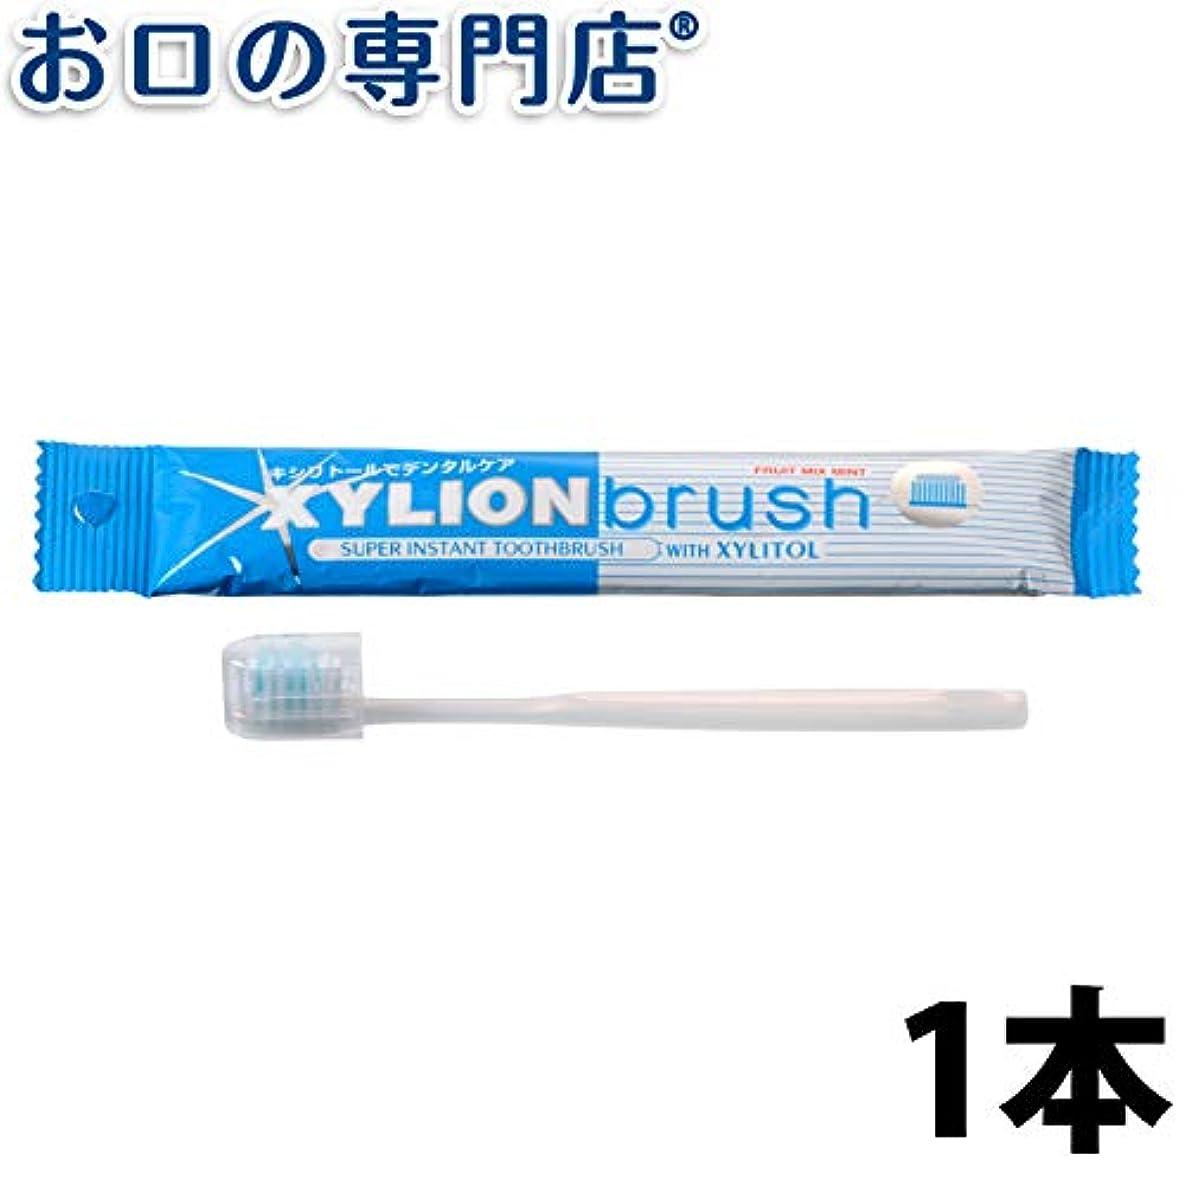 遷移完璧敬の念キシリオンブラシ XYLION brush 1本